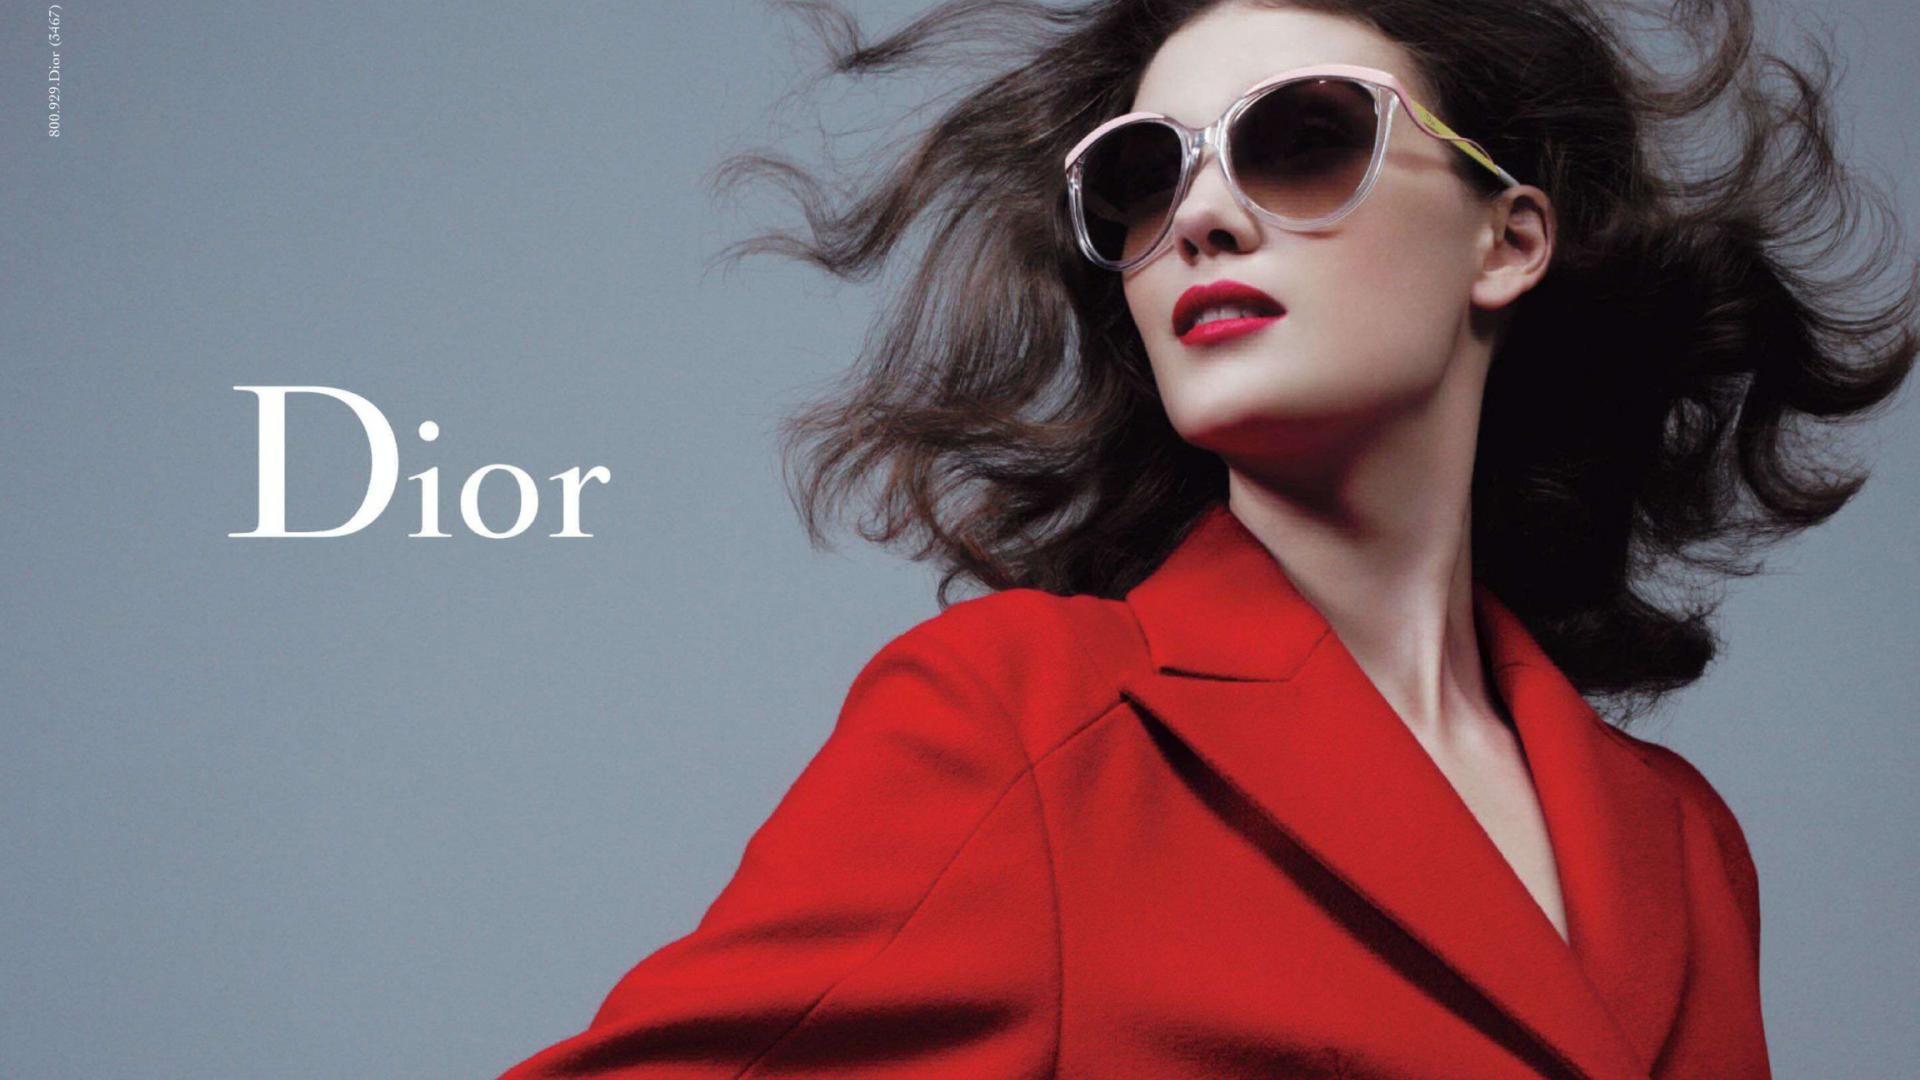 Dior HD Desktop Wallpaper